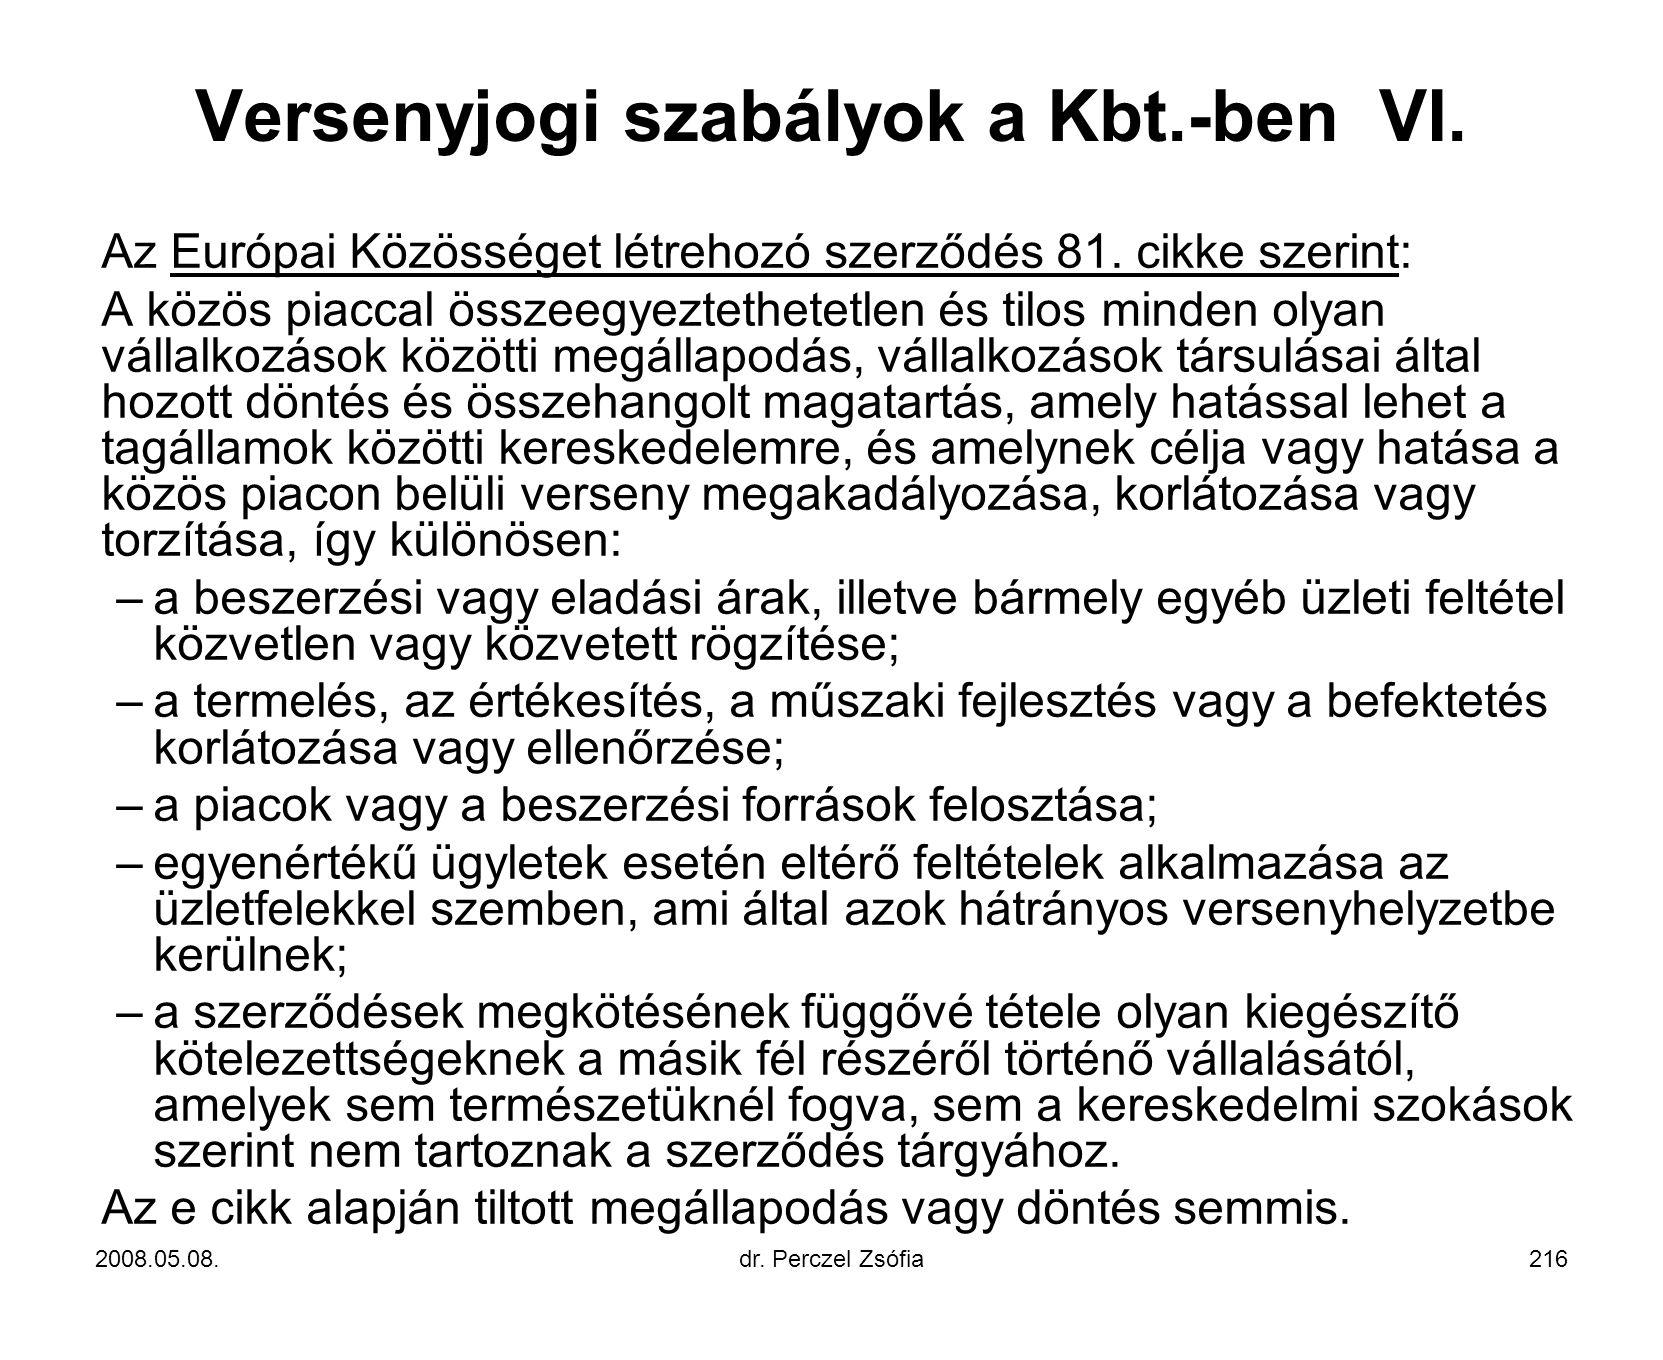 Versenyjogi szabályok a Kbt.-ben VI.